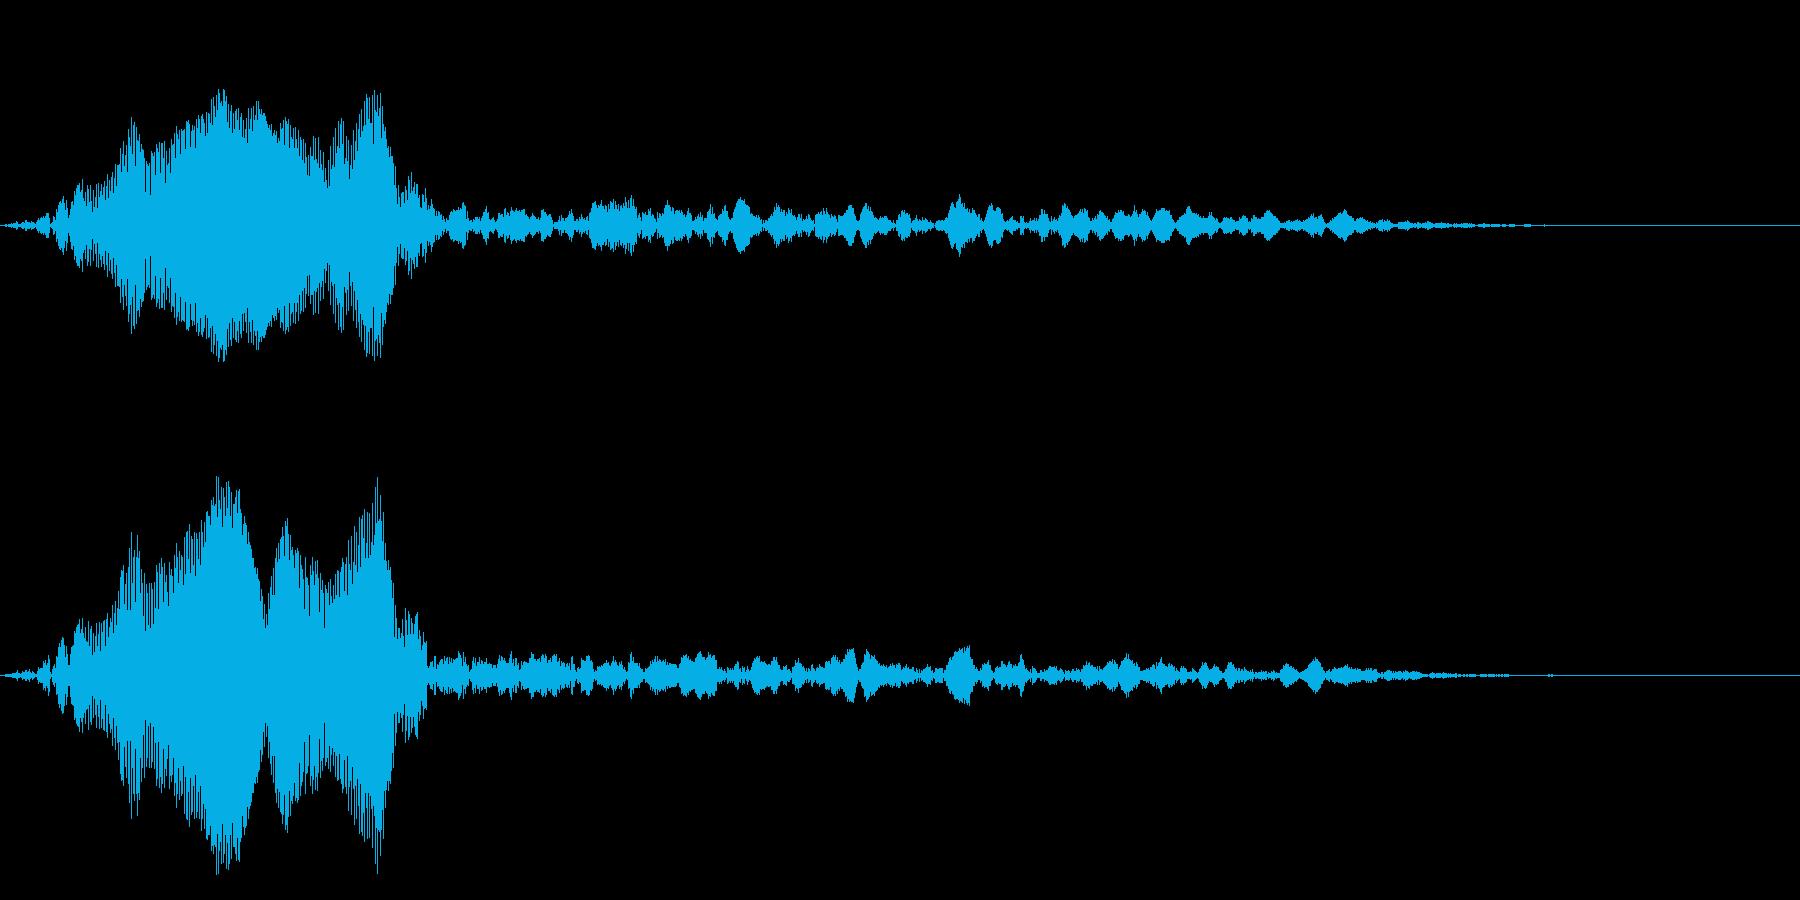 Animal 小さな生き物の鳴き声の再生済みの波形